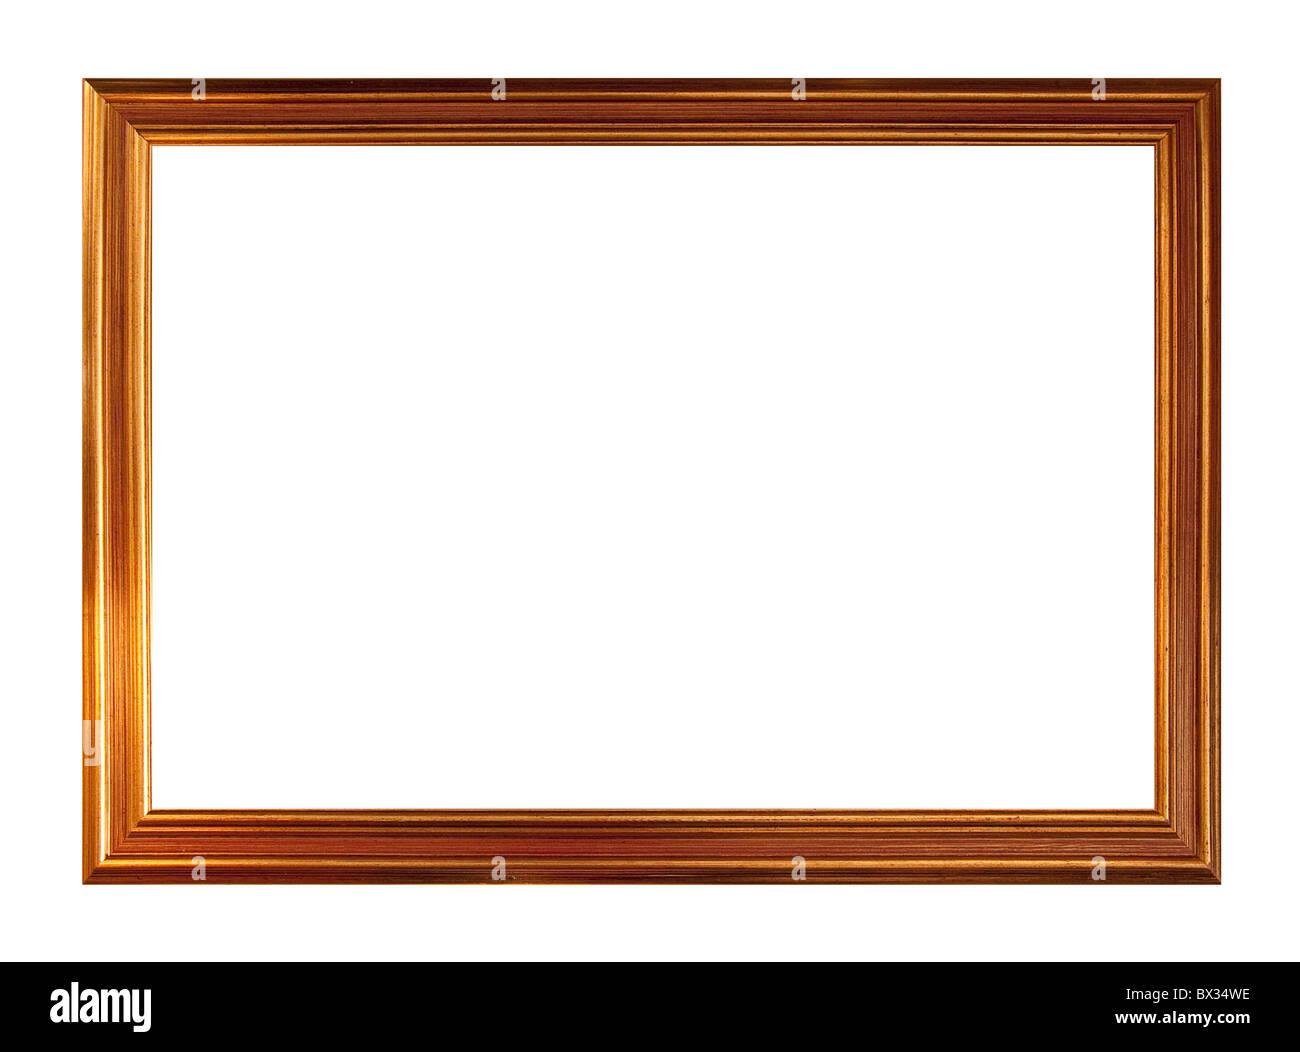 Marco de imagen de oro, aislado en blanco Foto de stock